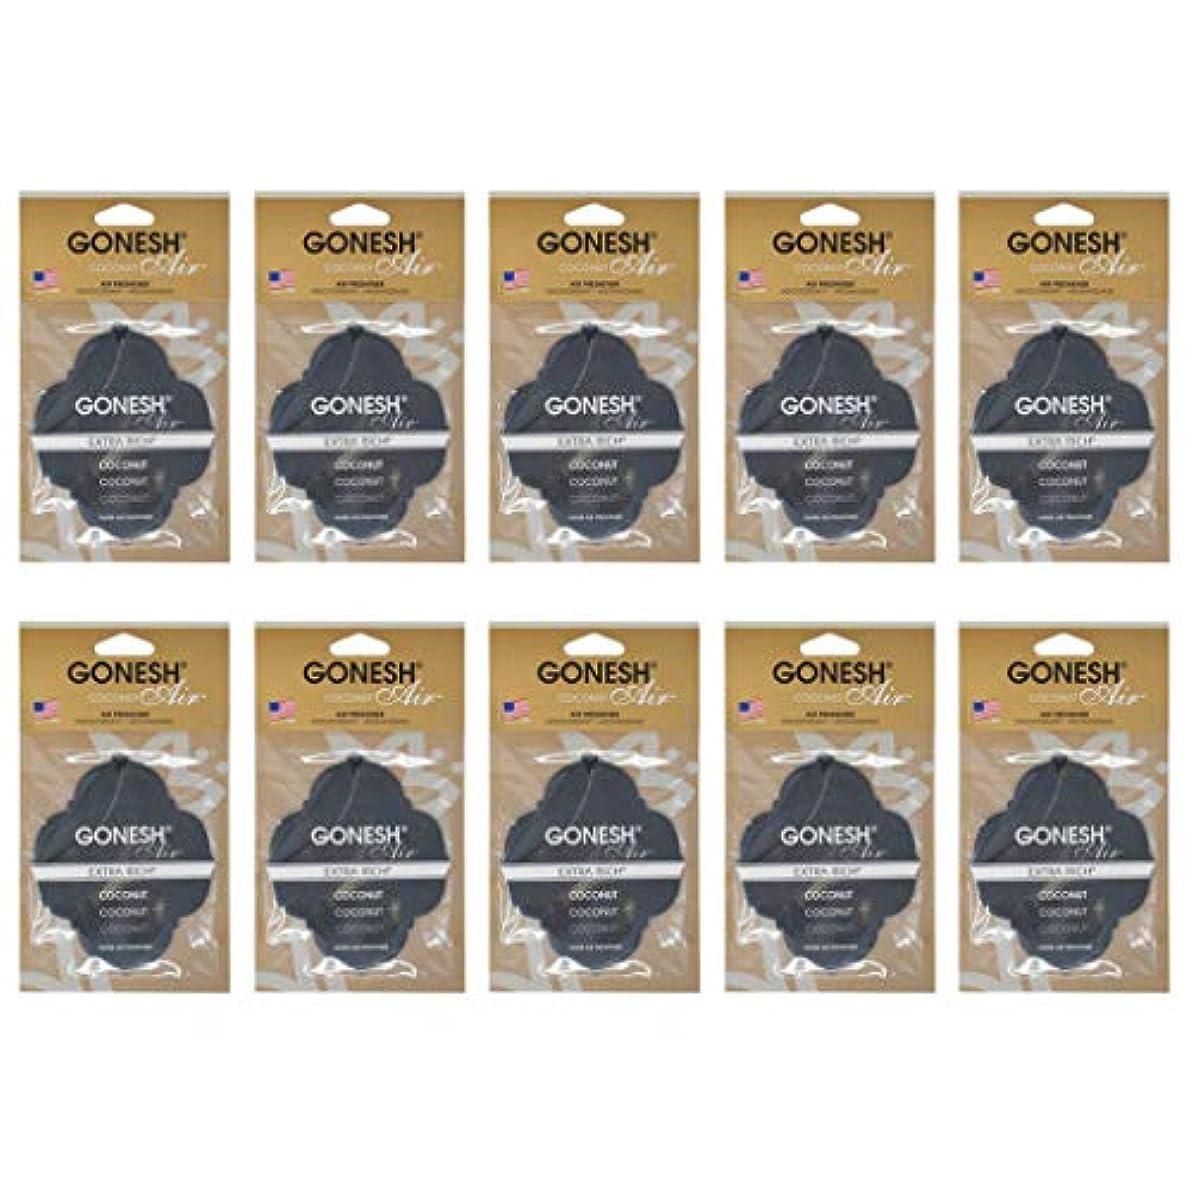 ポスター時代遅れうまれたGONESH ペーパーエアフレッシュナー ココナッツ 10個セット